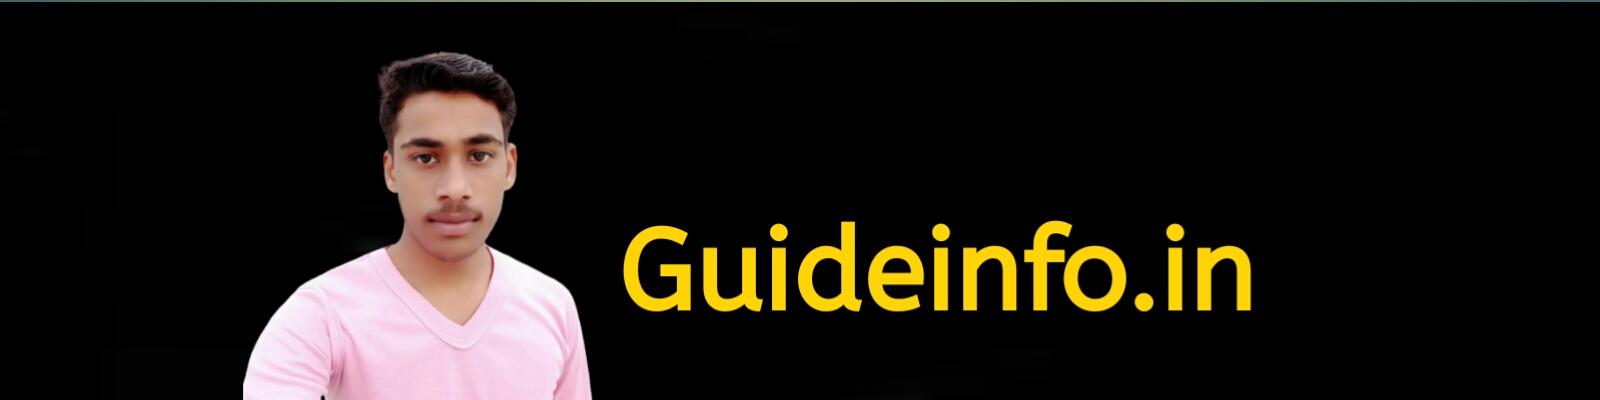 Guide Info